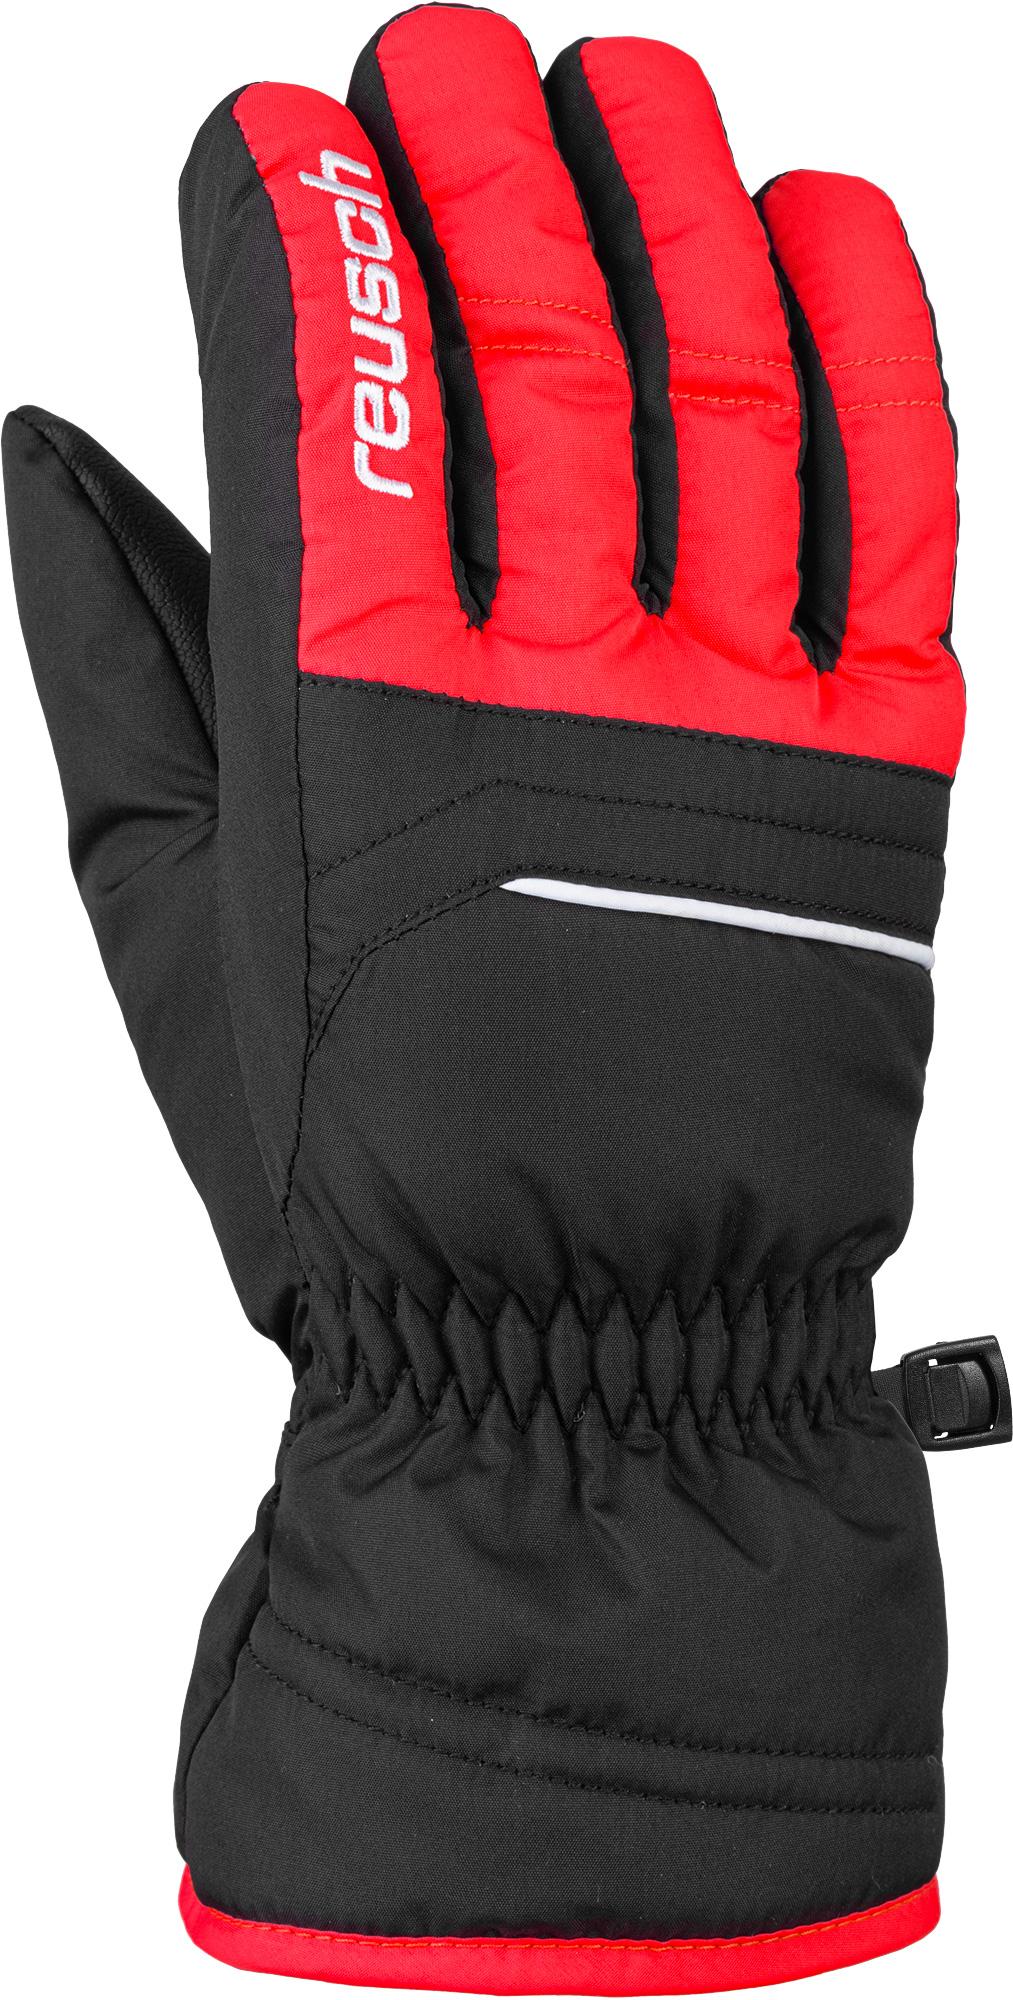 Перчатки Горнолыжные Reusch 2020-21 Alan Black/Fire Red Inch Дюйм:6,  - купить со скидкой